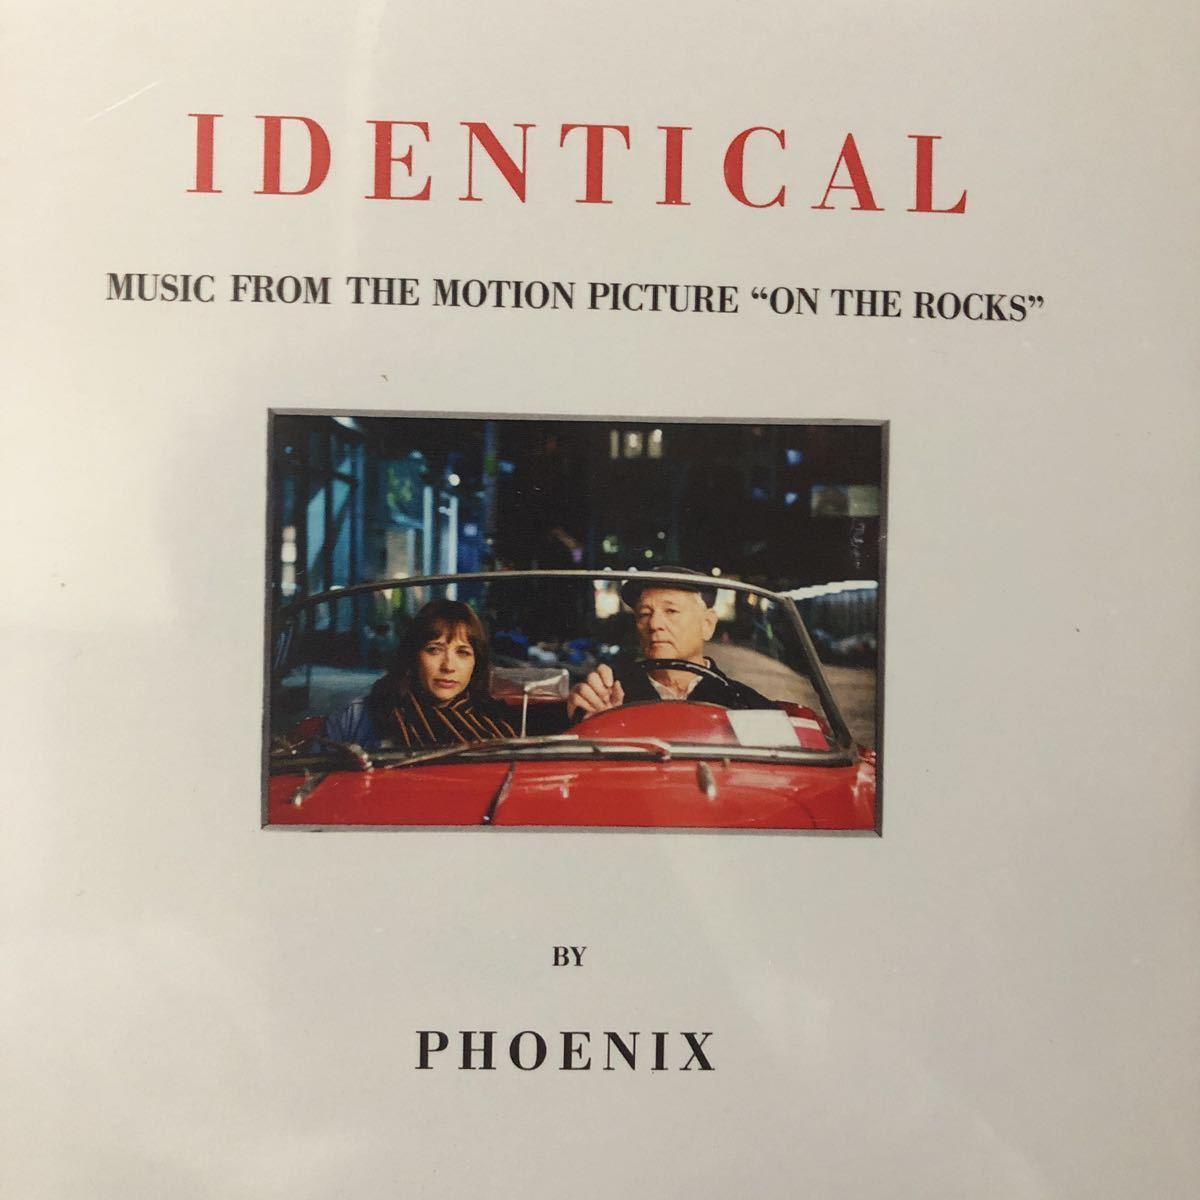 【新品 未聴品】Phoenix / identical 7inch EP ソフィアコッポラ on the rocks two door cinema club kitsune 入手難 希少_画像1